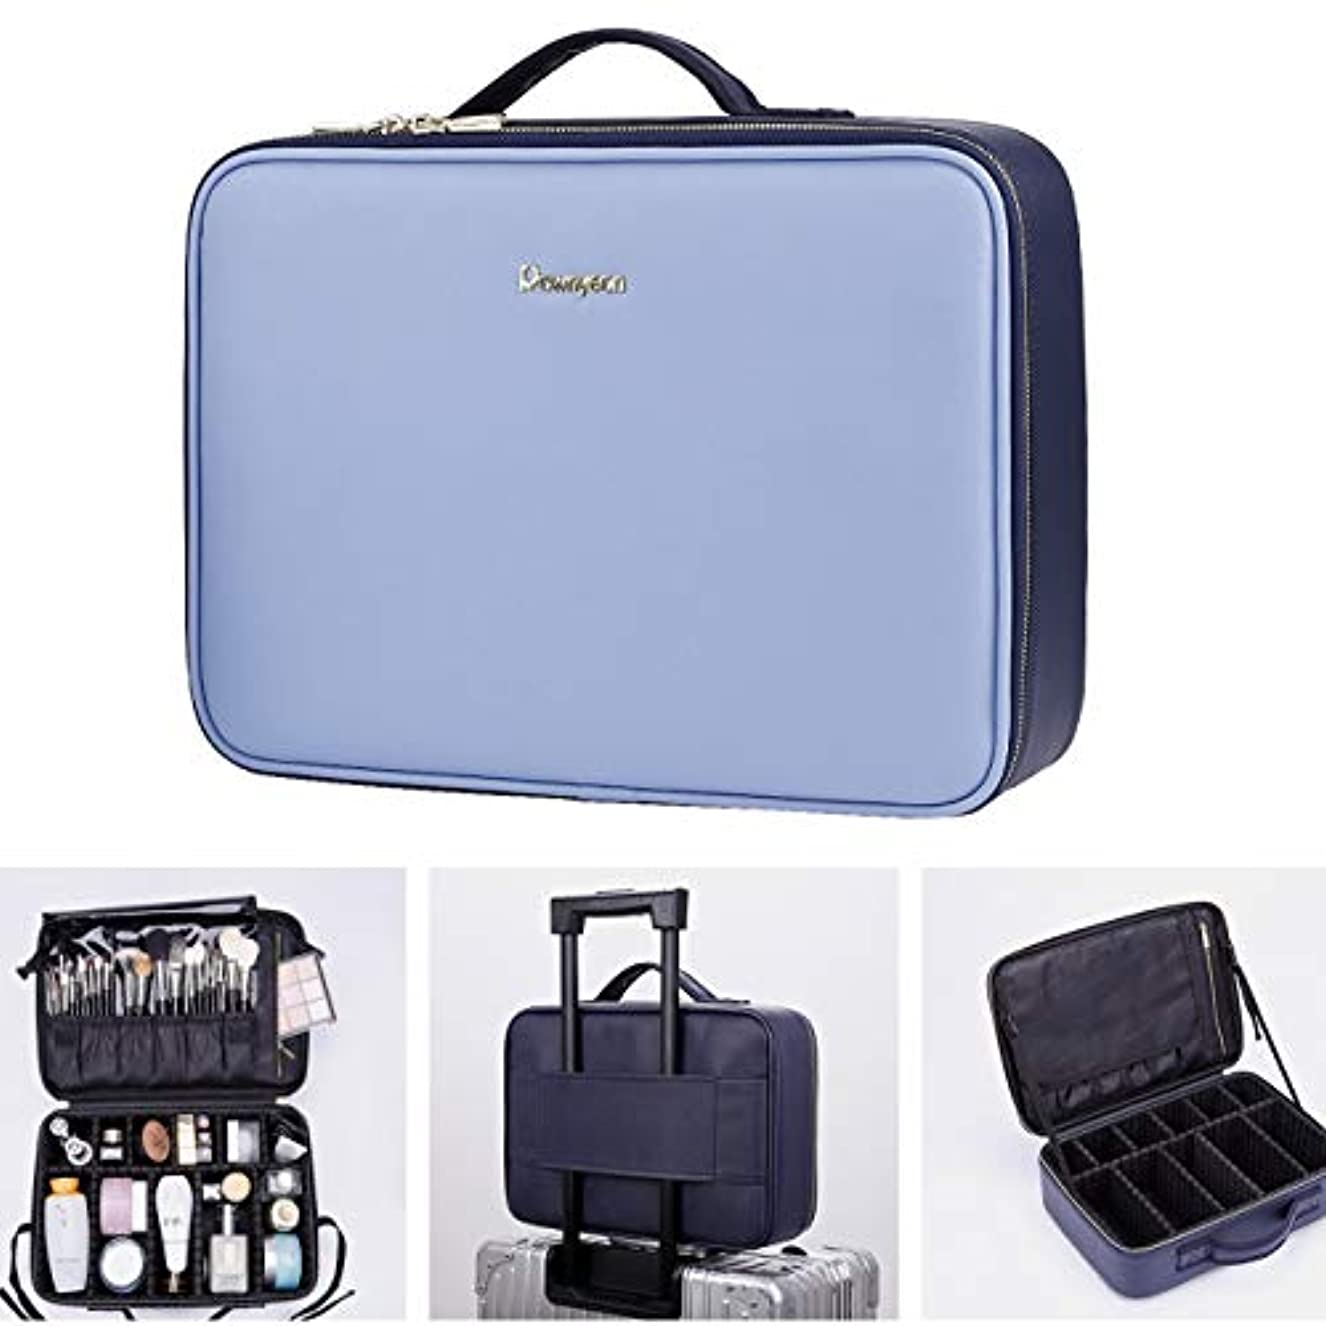 生息地清めるベストRownyeon 朗顔 メイクボックス 大容量 機能的 上質 化粧箱 コスメボックス 化粧ボックス 旅行用 プロ用 コスメスーツケース トラベル